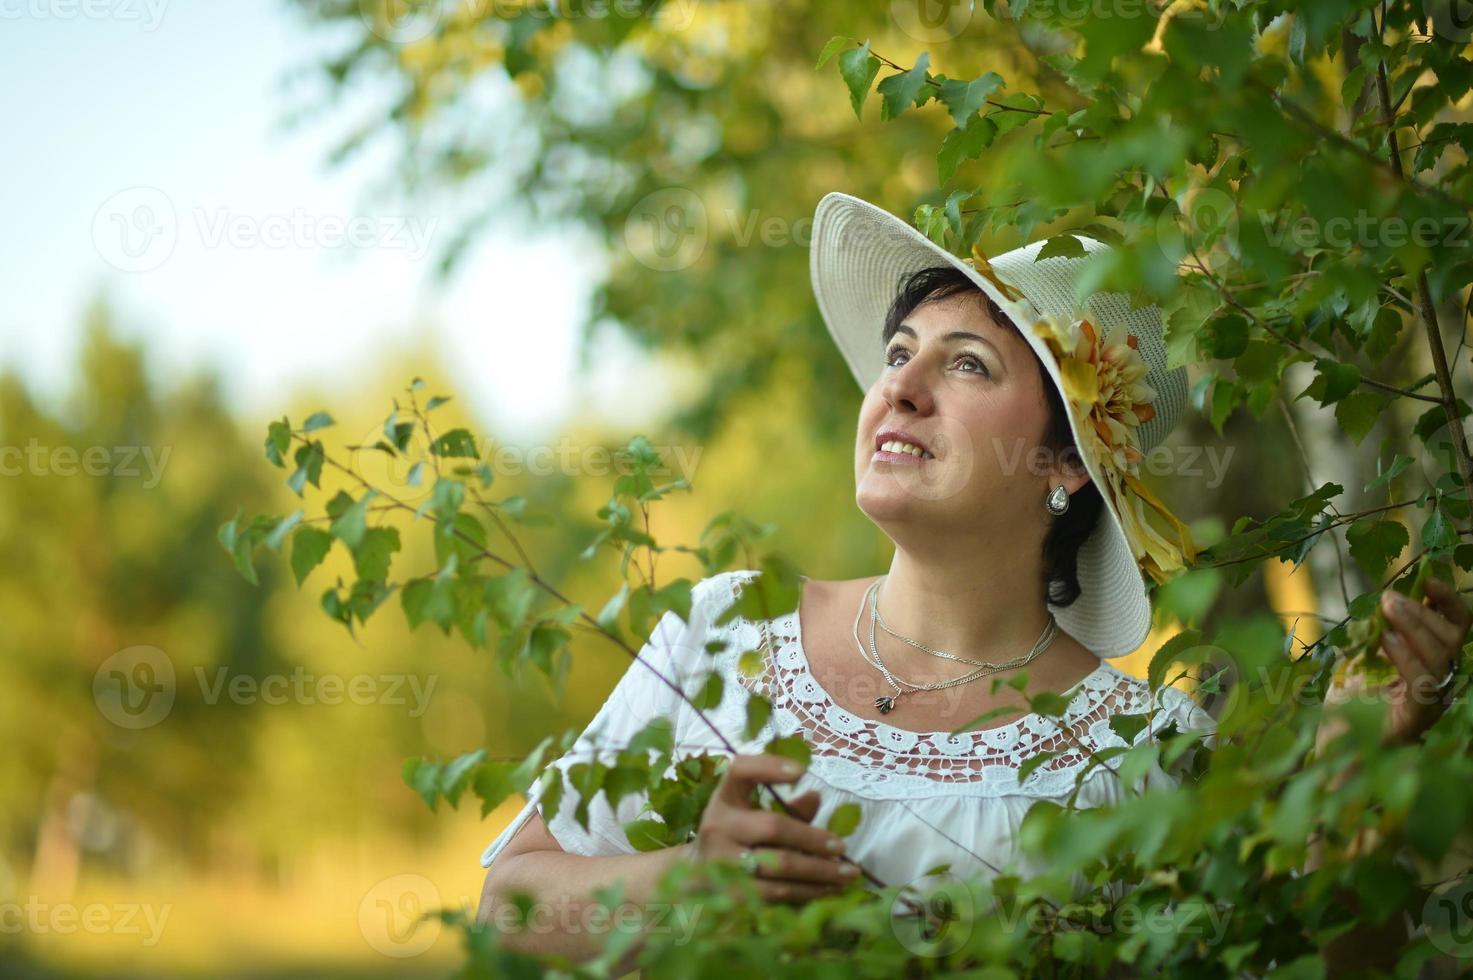 Lady enjoying summer outdoors photo